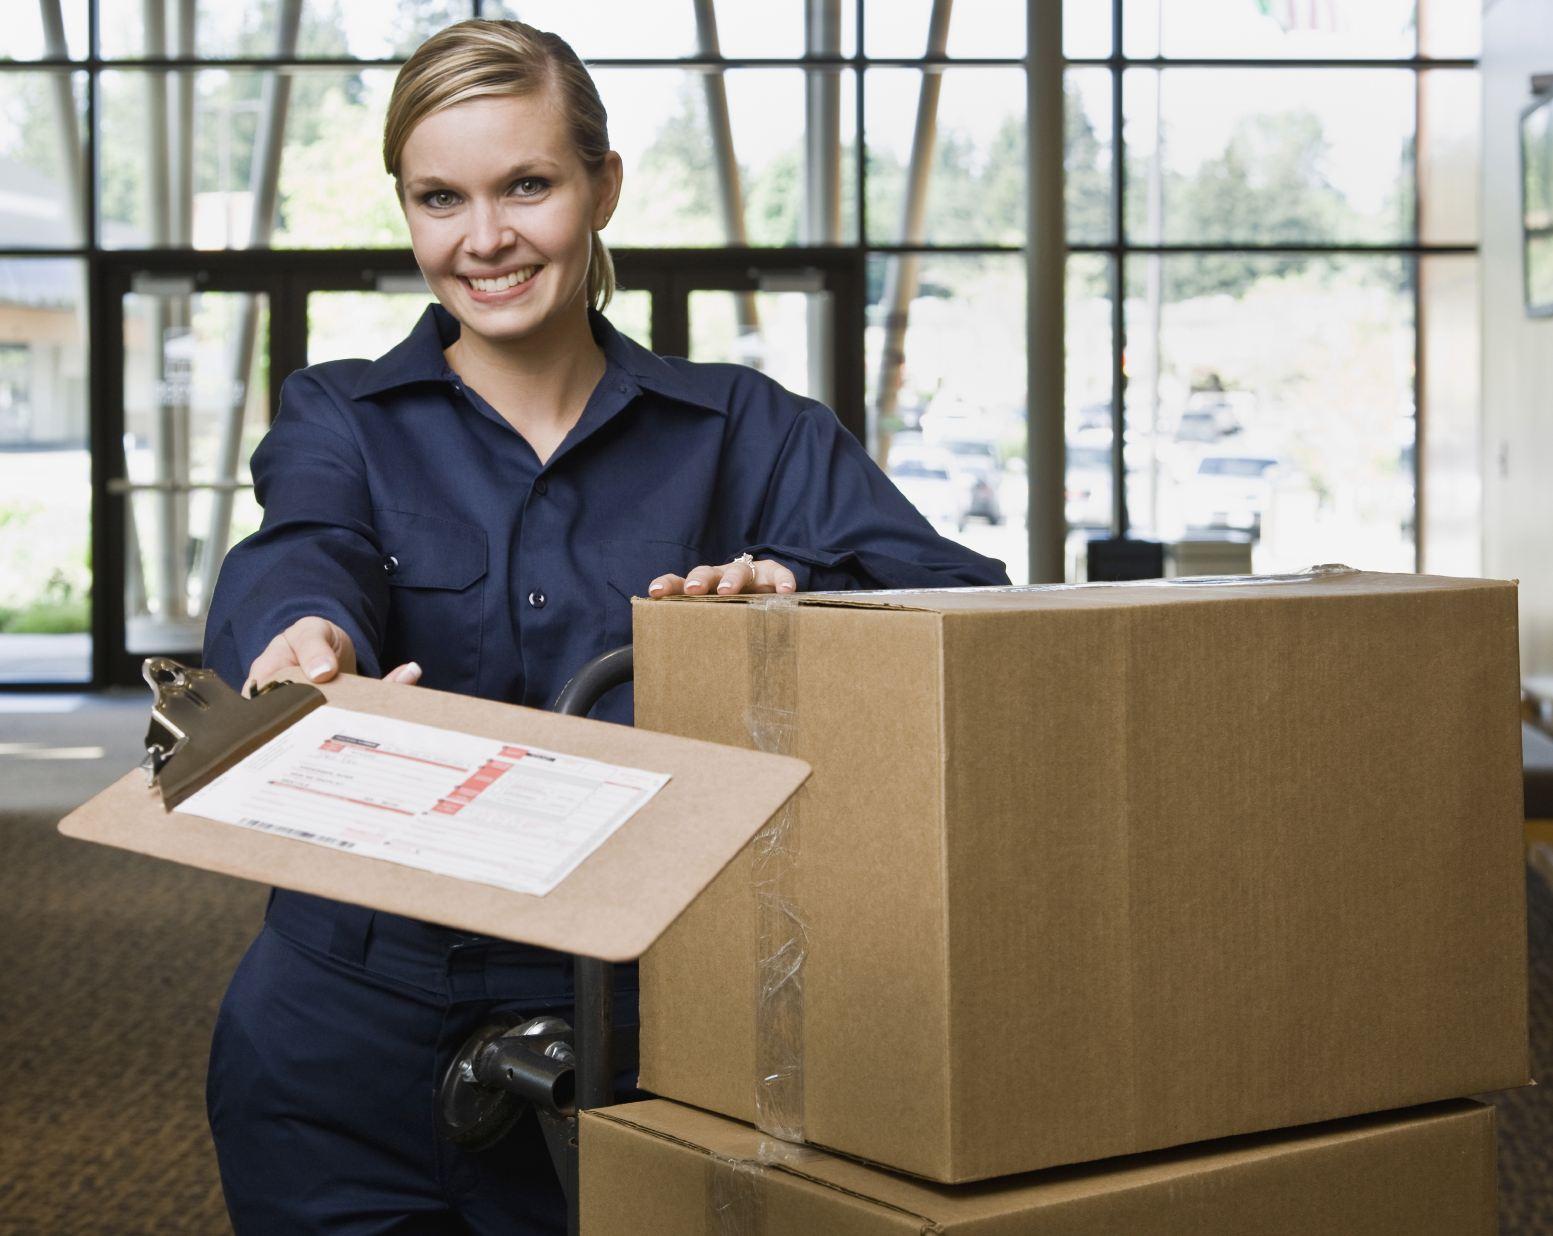 5-recomendaciones-para-una-mejor-gestion-de-proveedores-yaydoo-com